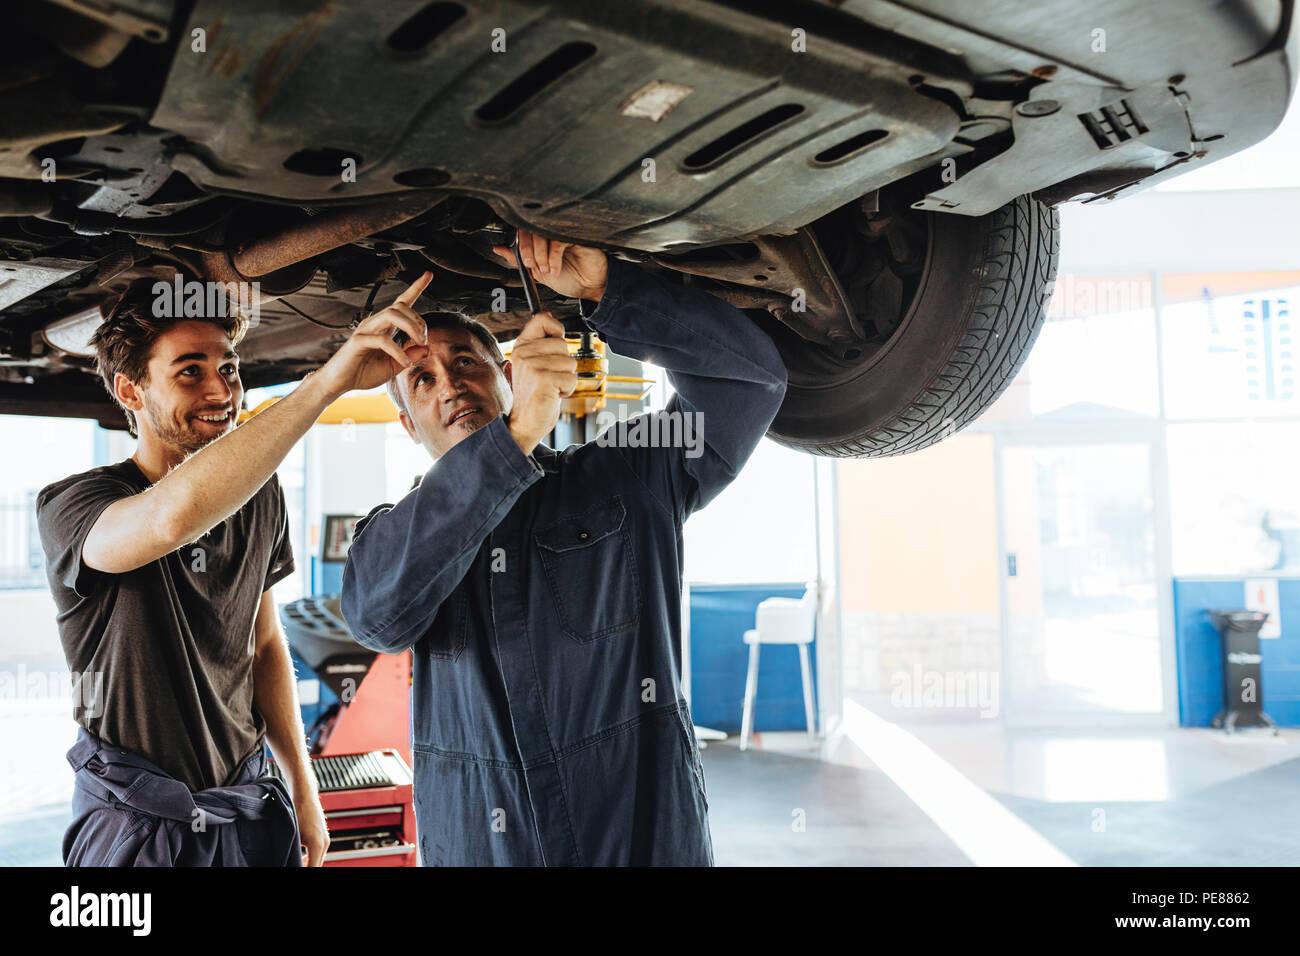 Mechaniker zur Festsetzung der Auto mit Kollegen zeigen und lächelnd. Zwei Auto Reparatur Männer unter einer angehobenen Fahrzeug in der Garage arbeiten. Stockbild